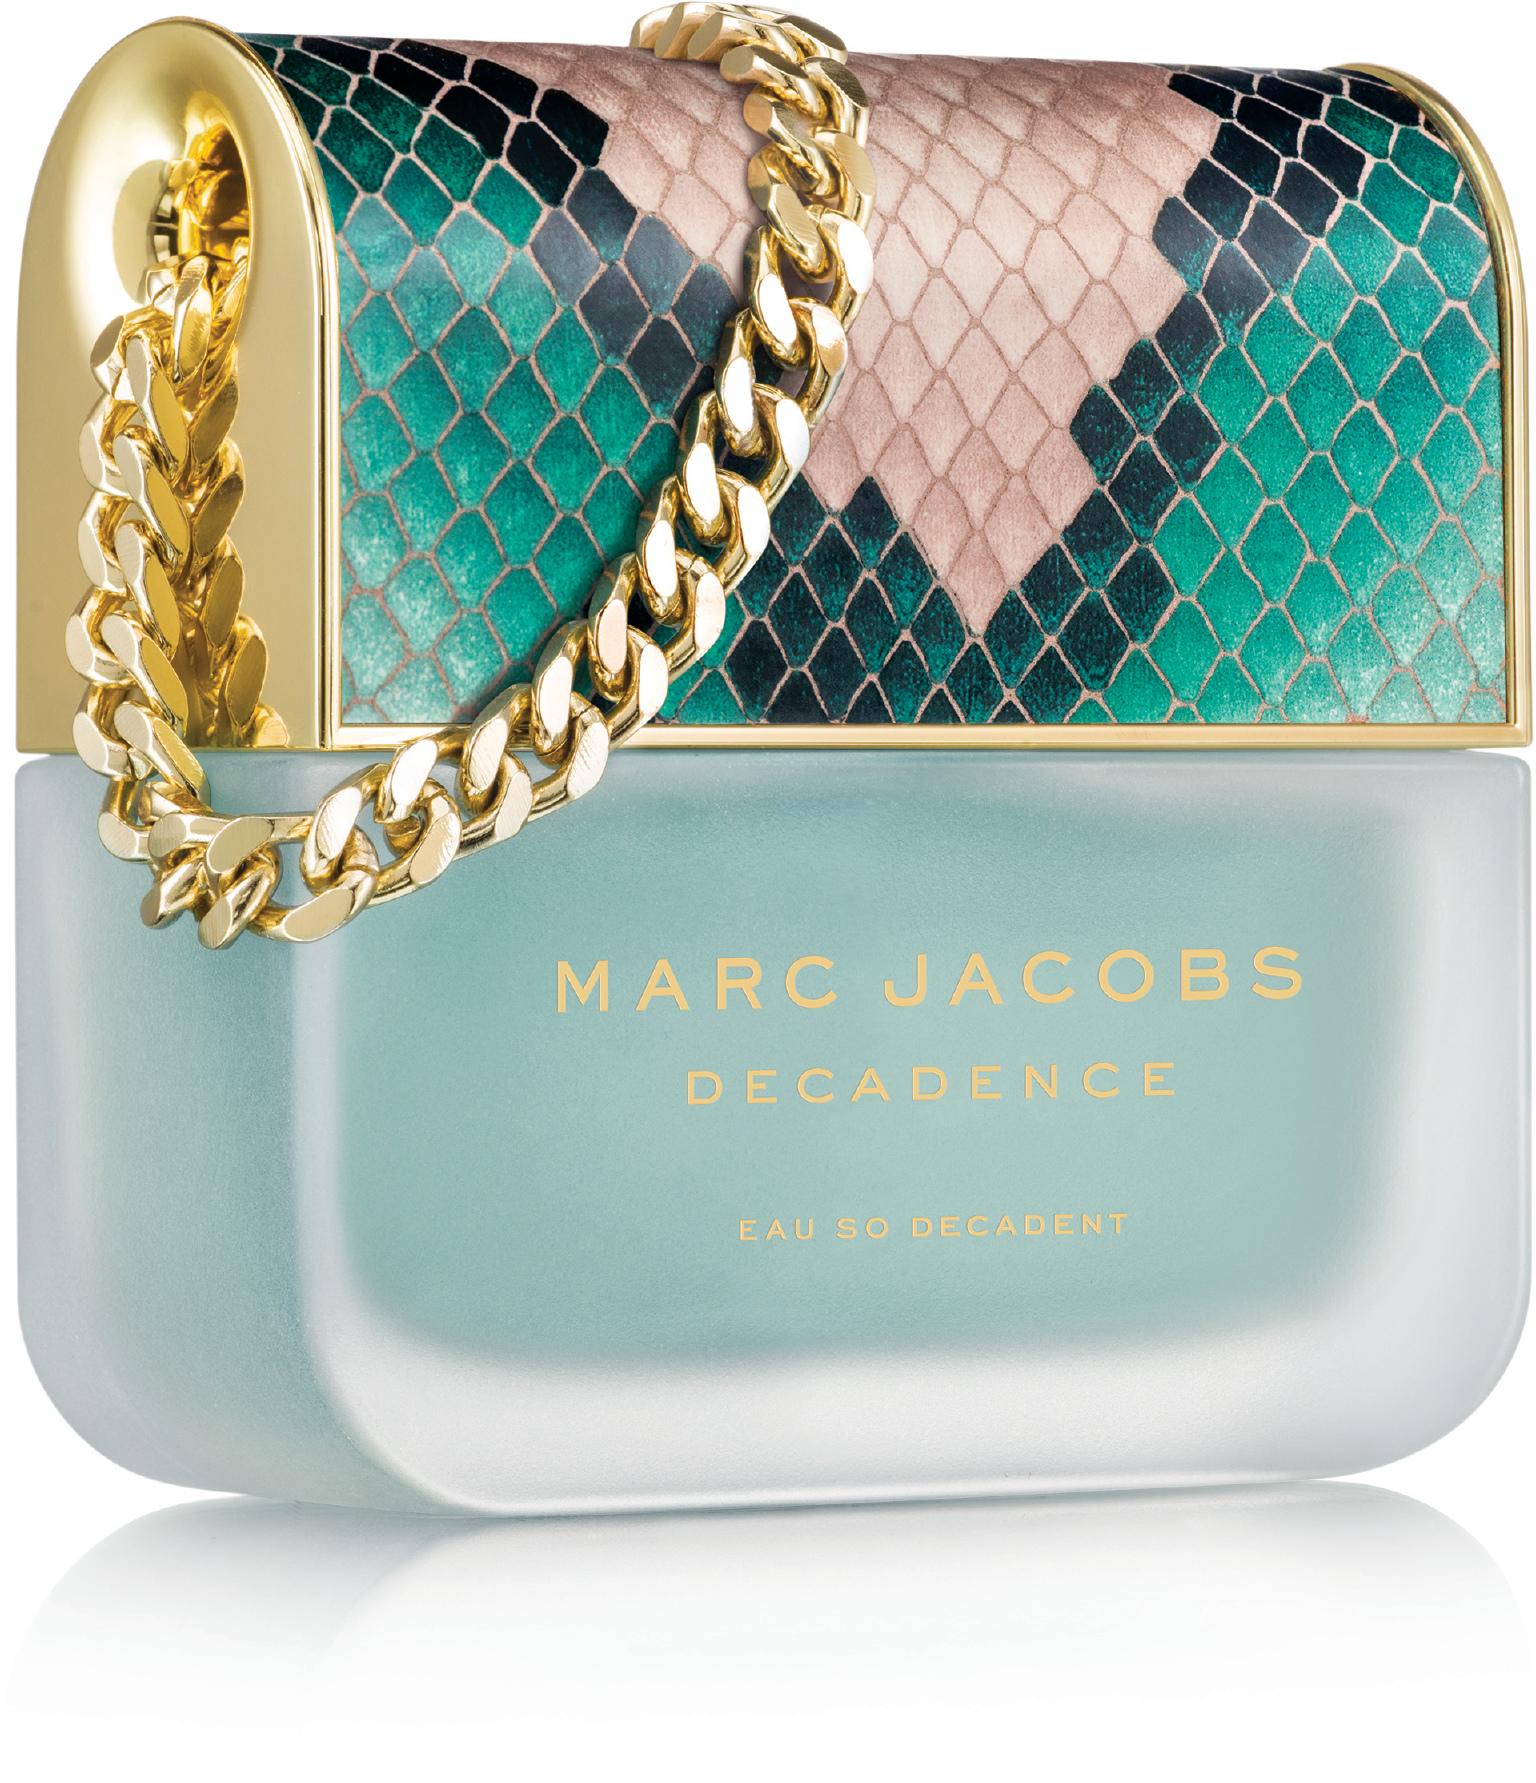 Marc Jacobs Eau So Decadence EDT, 30 ml